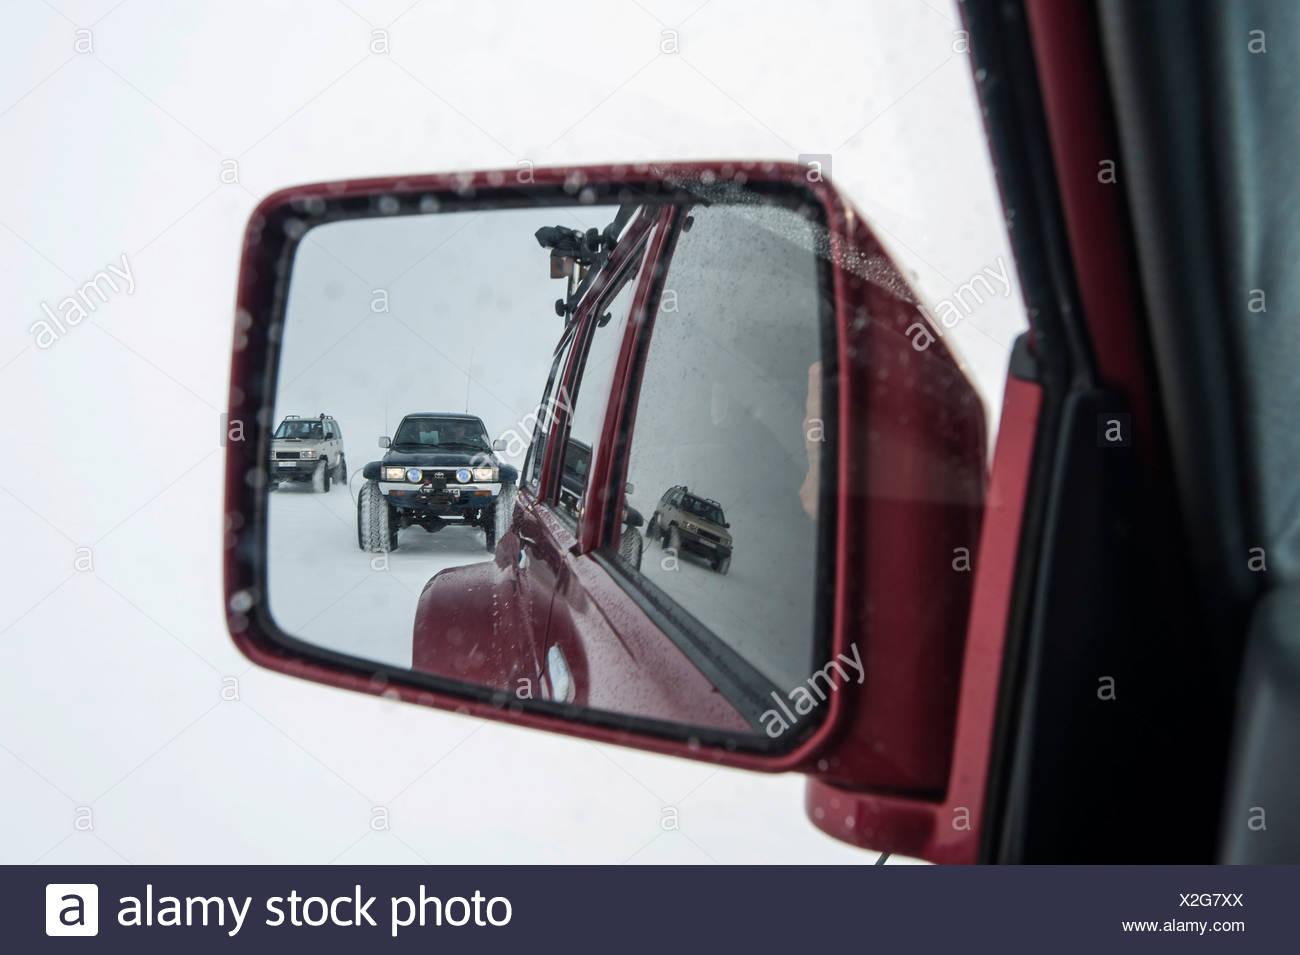 Super Jeep in un paesaggio invernale, vista nello specchietto retrovisore, ghiacciaio Vatnajoekull, islandese Highlands, Islanda, Europa Immagini Stock